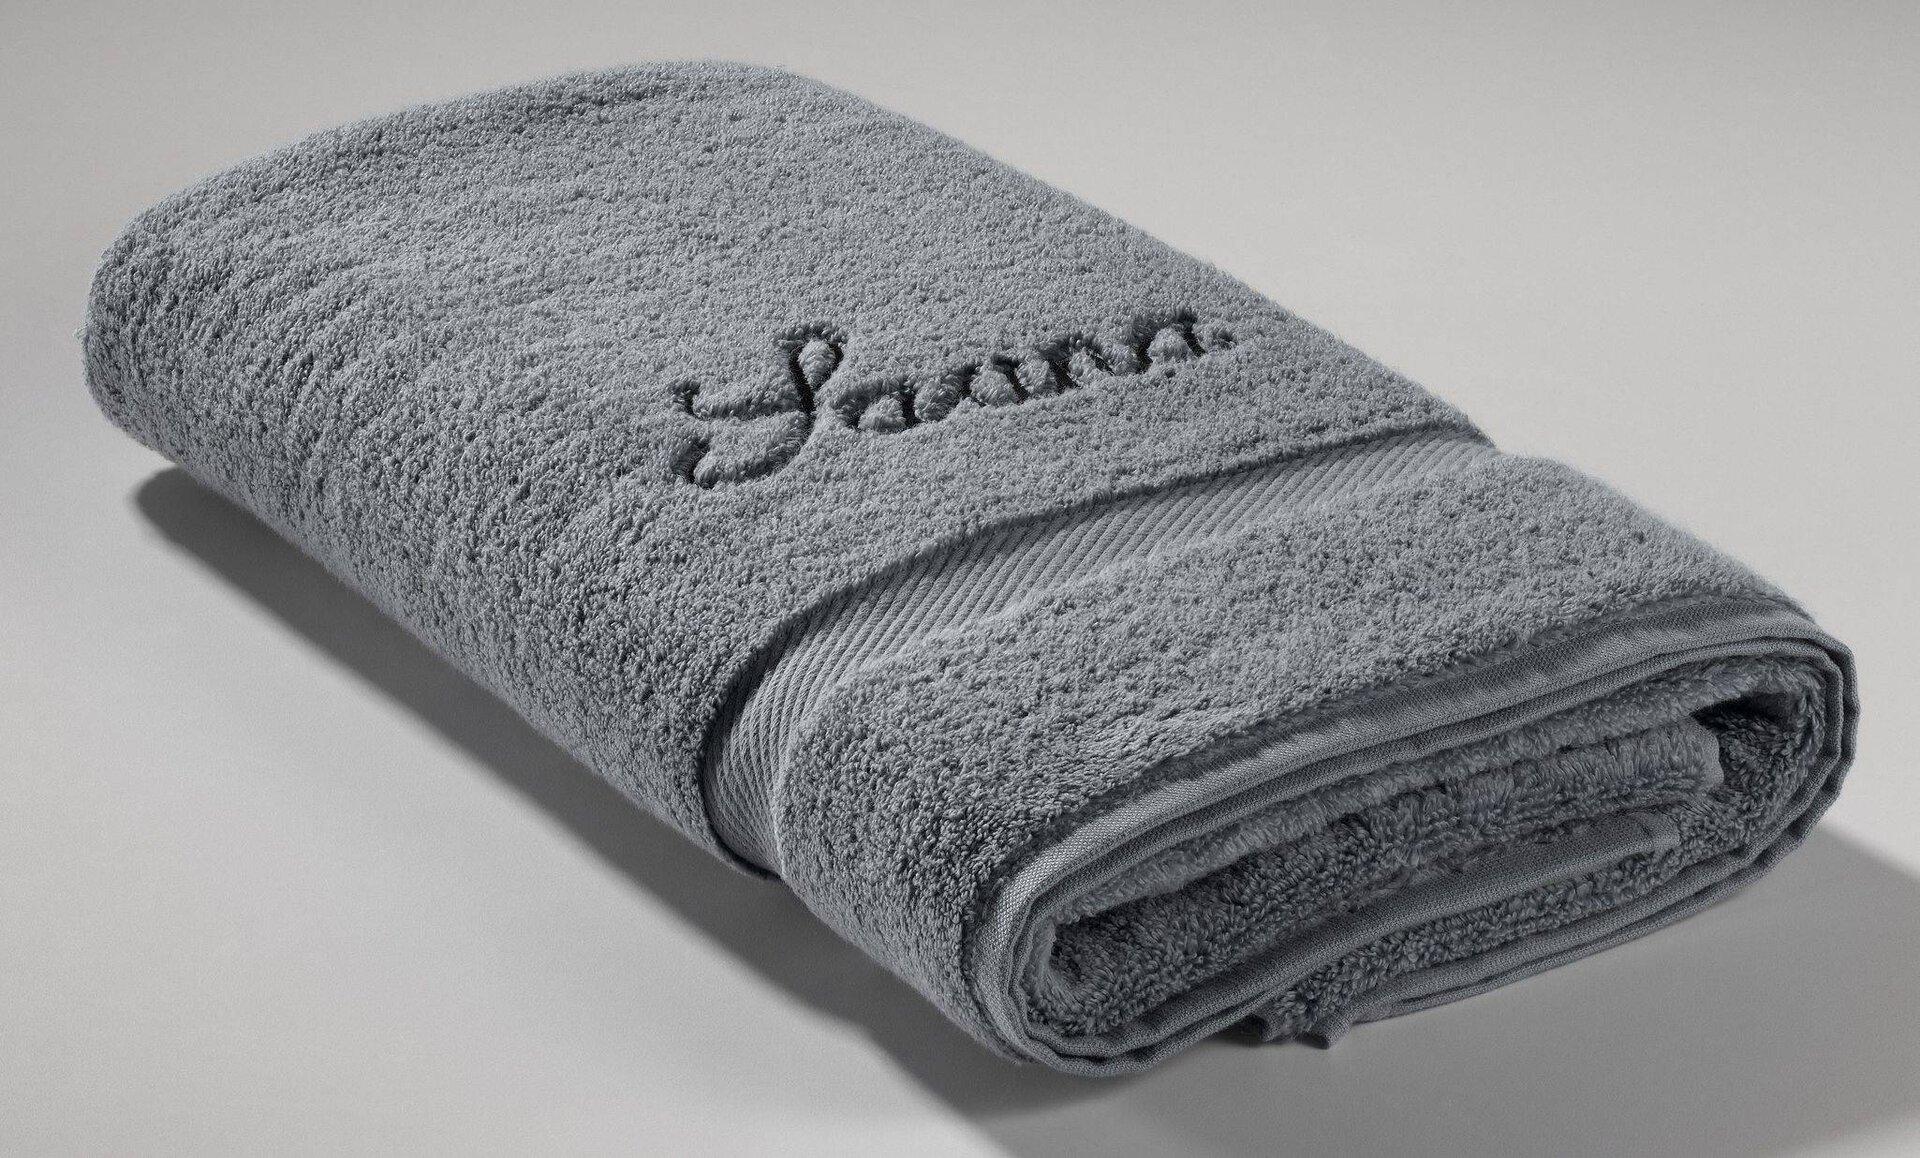 Saunatuch Micro Baumwolle Casa Nova Textil 70 x 200 cm